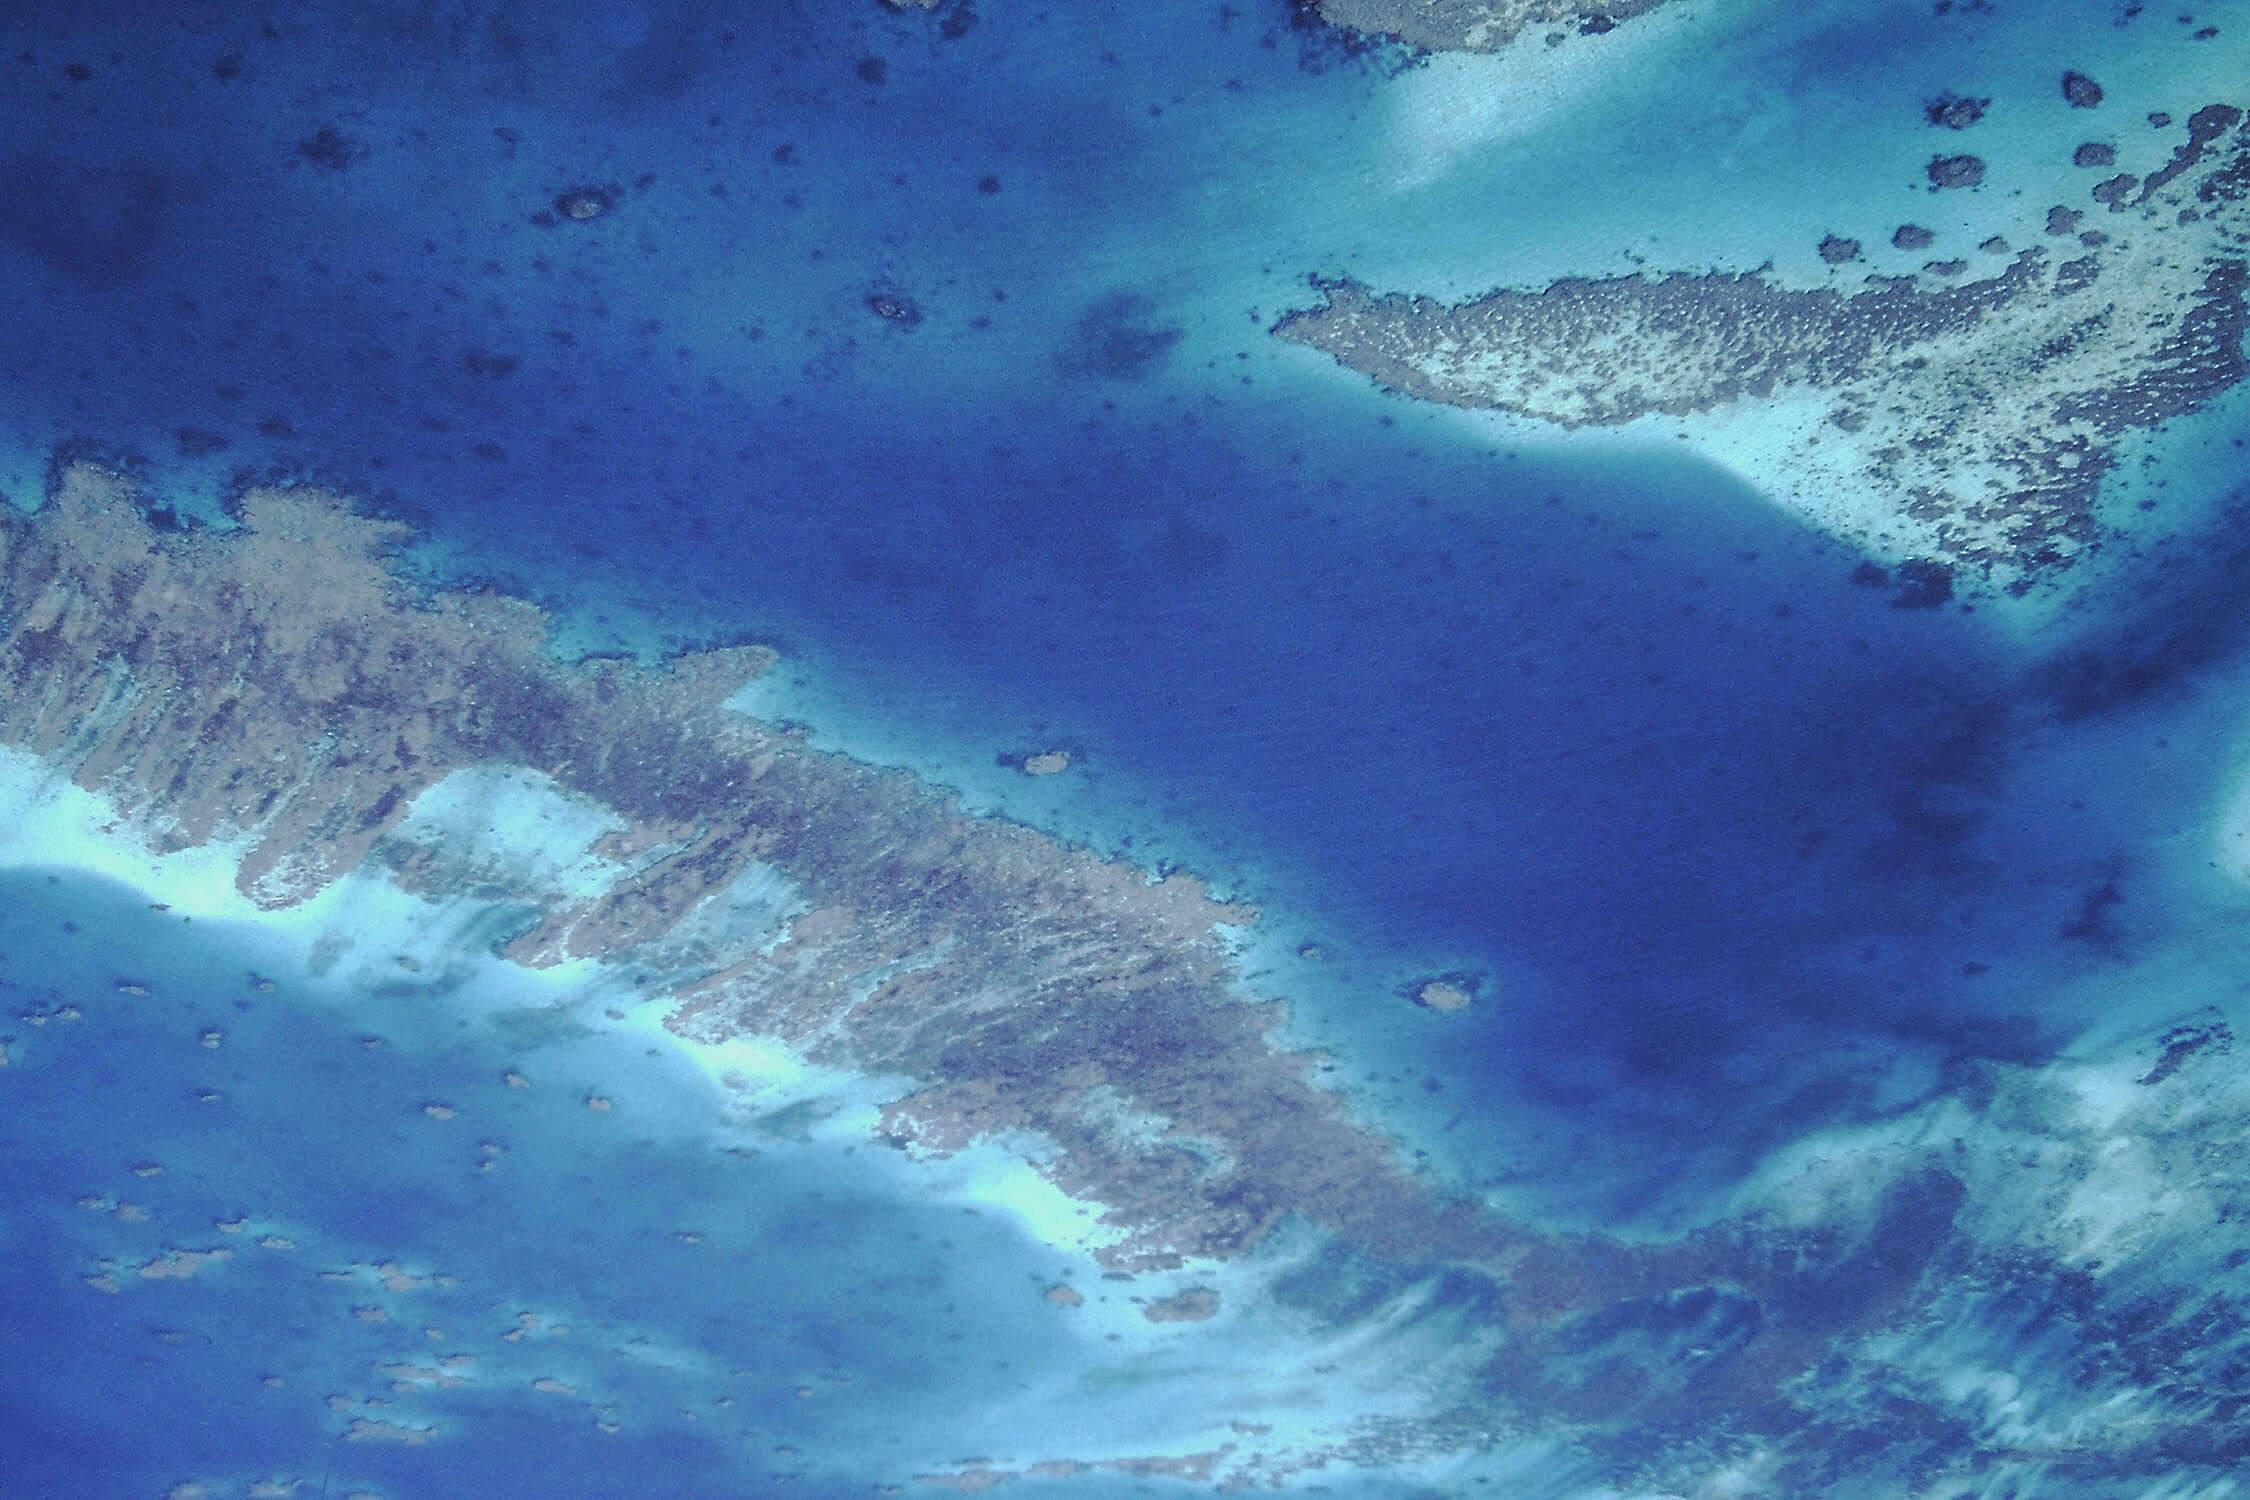 ニューカレドニアの珊瑚礁:環礁の多様性と関連する生態系の画像1